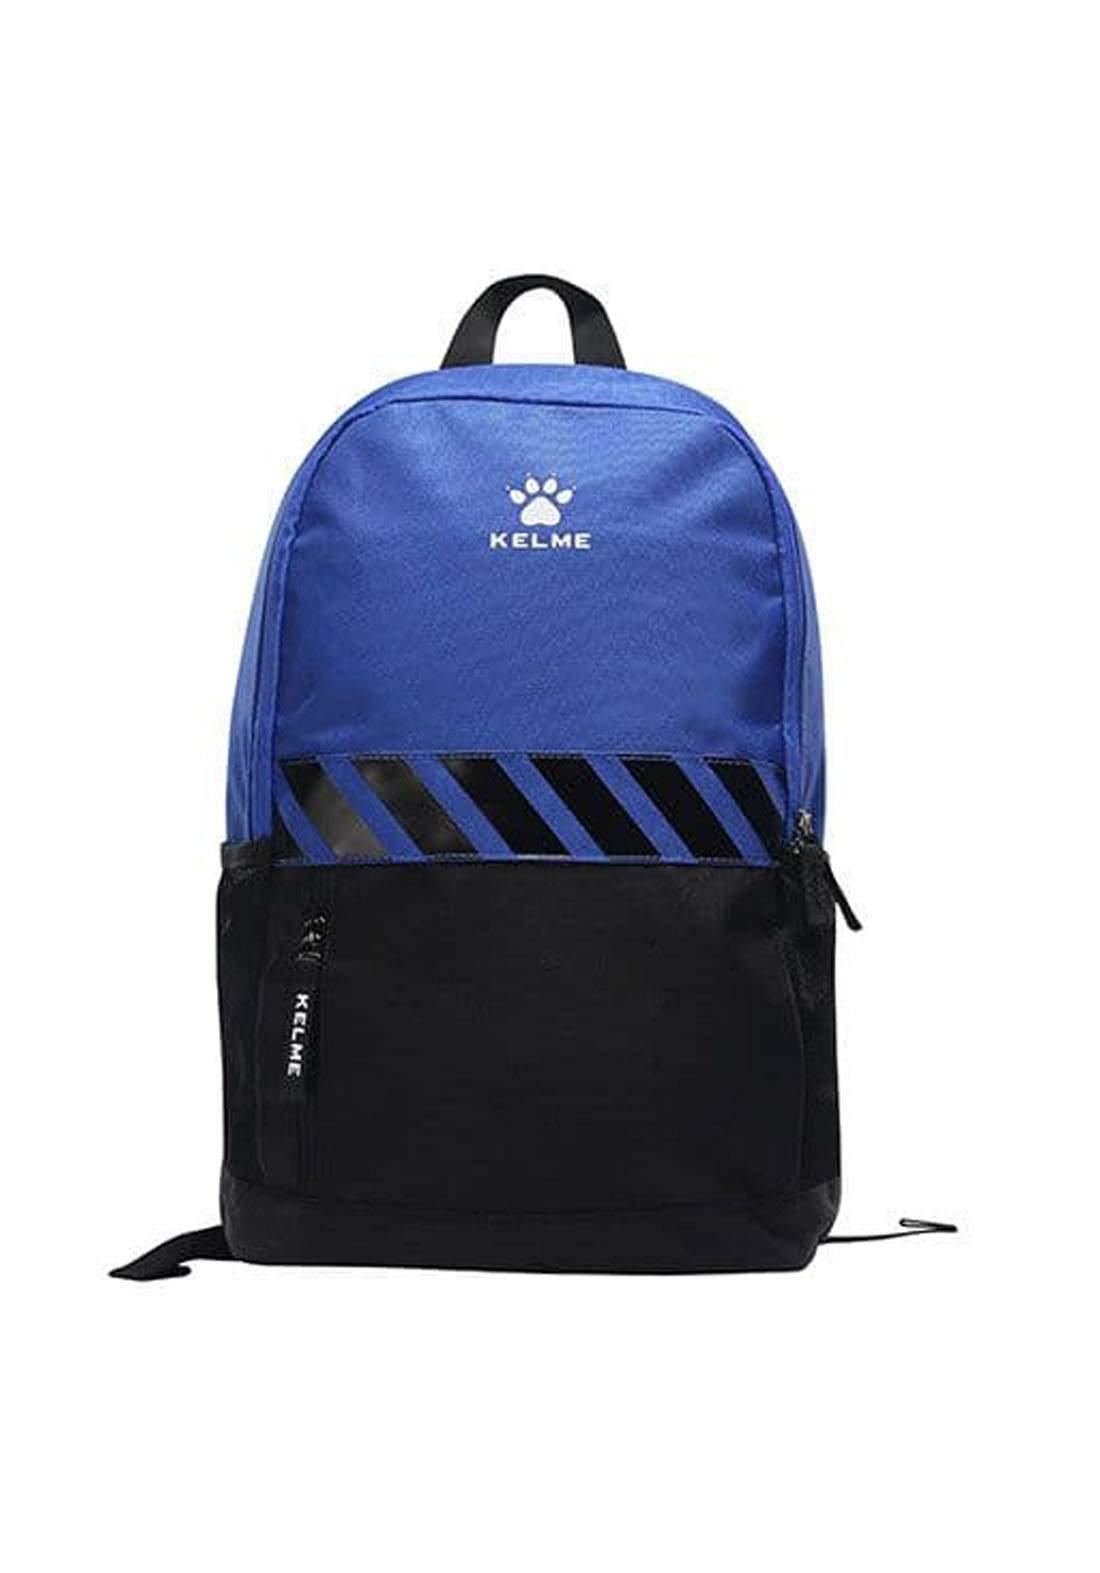 حقيبة ضهر رياضية ازرق اللون من Kelme